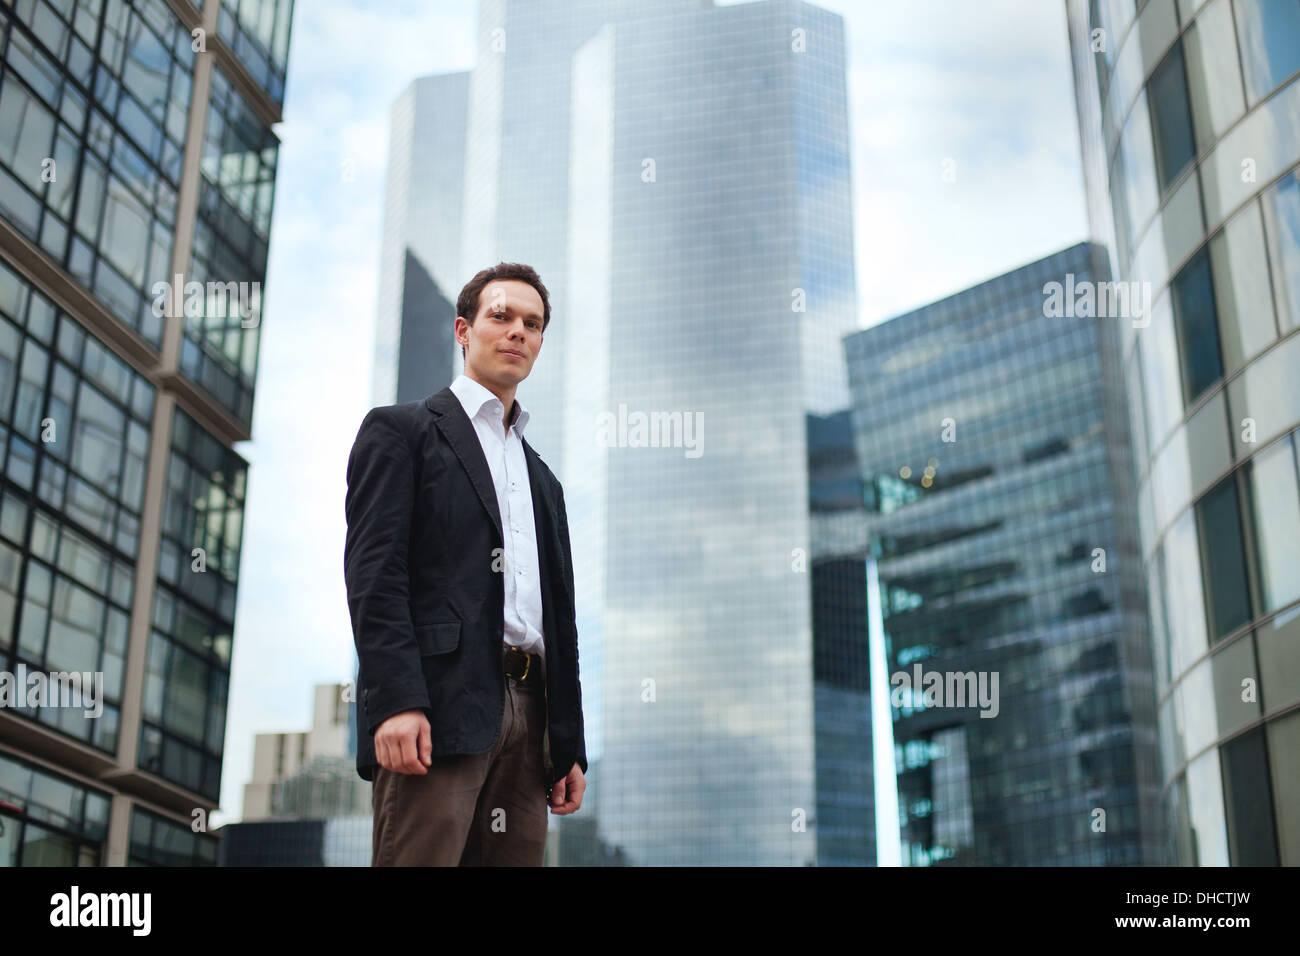 Giovane uomo d affari su edifici di uffici sullo sfondo Immagini Stock